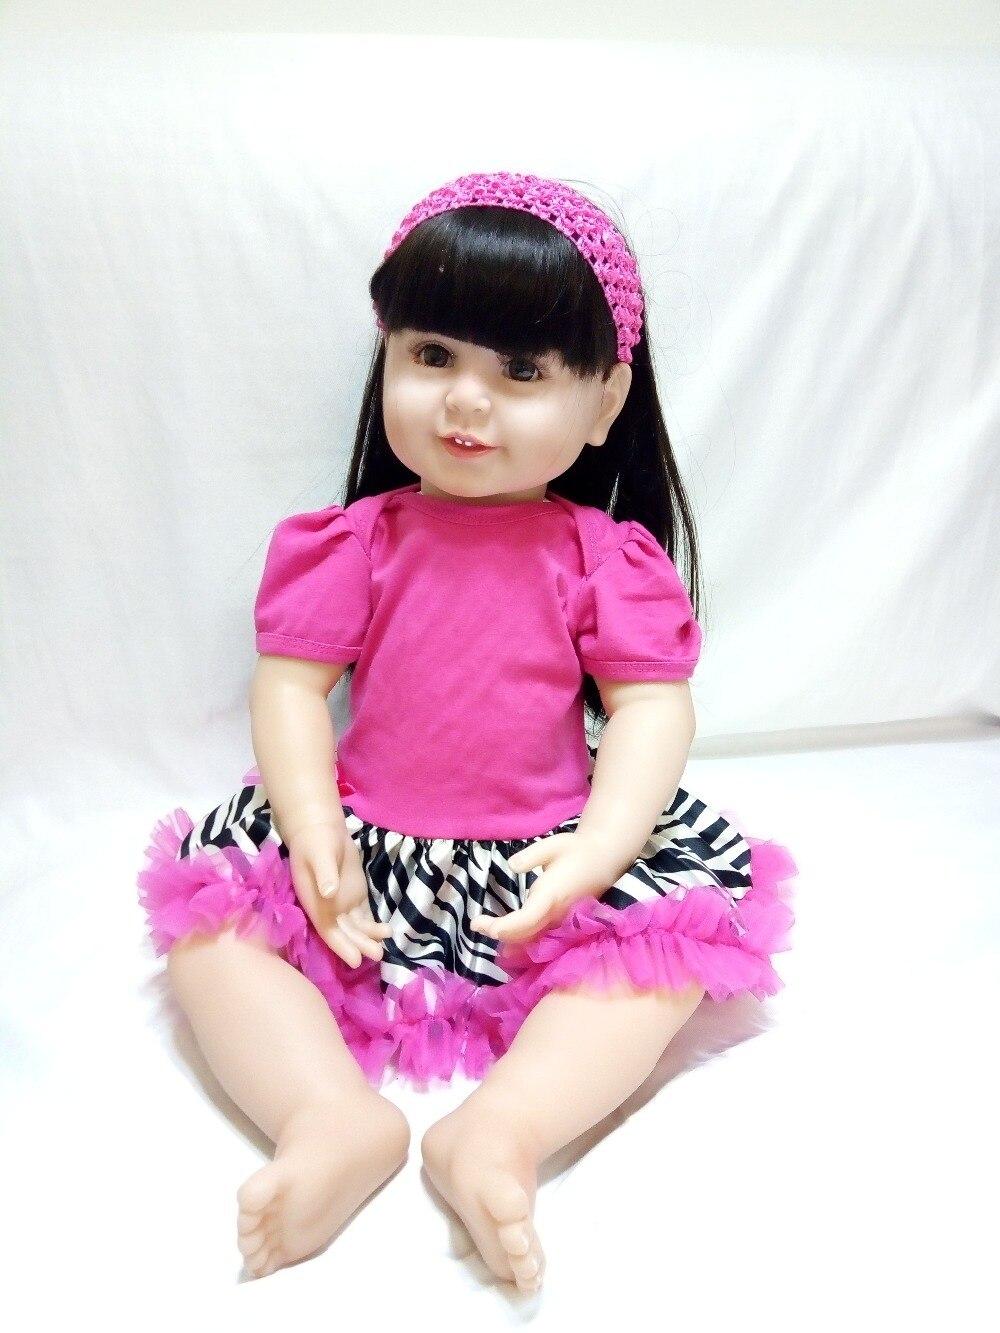 Muñecas de bebés renacidos de silicona rosa vestido de vinilo rojo - Muñecas y accesorios - foto 2